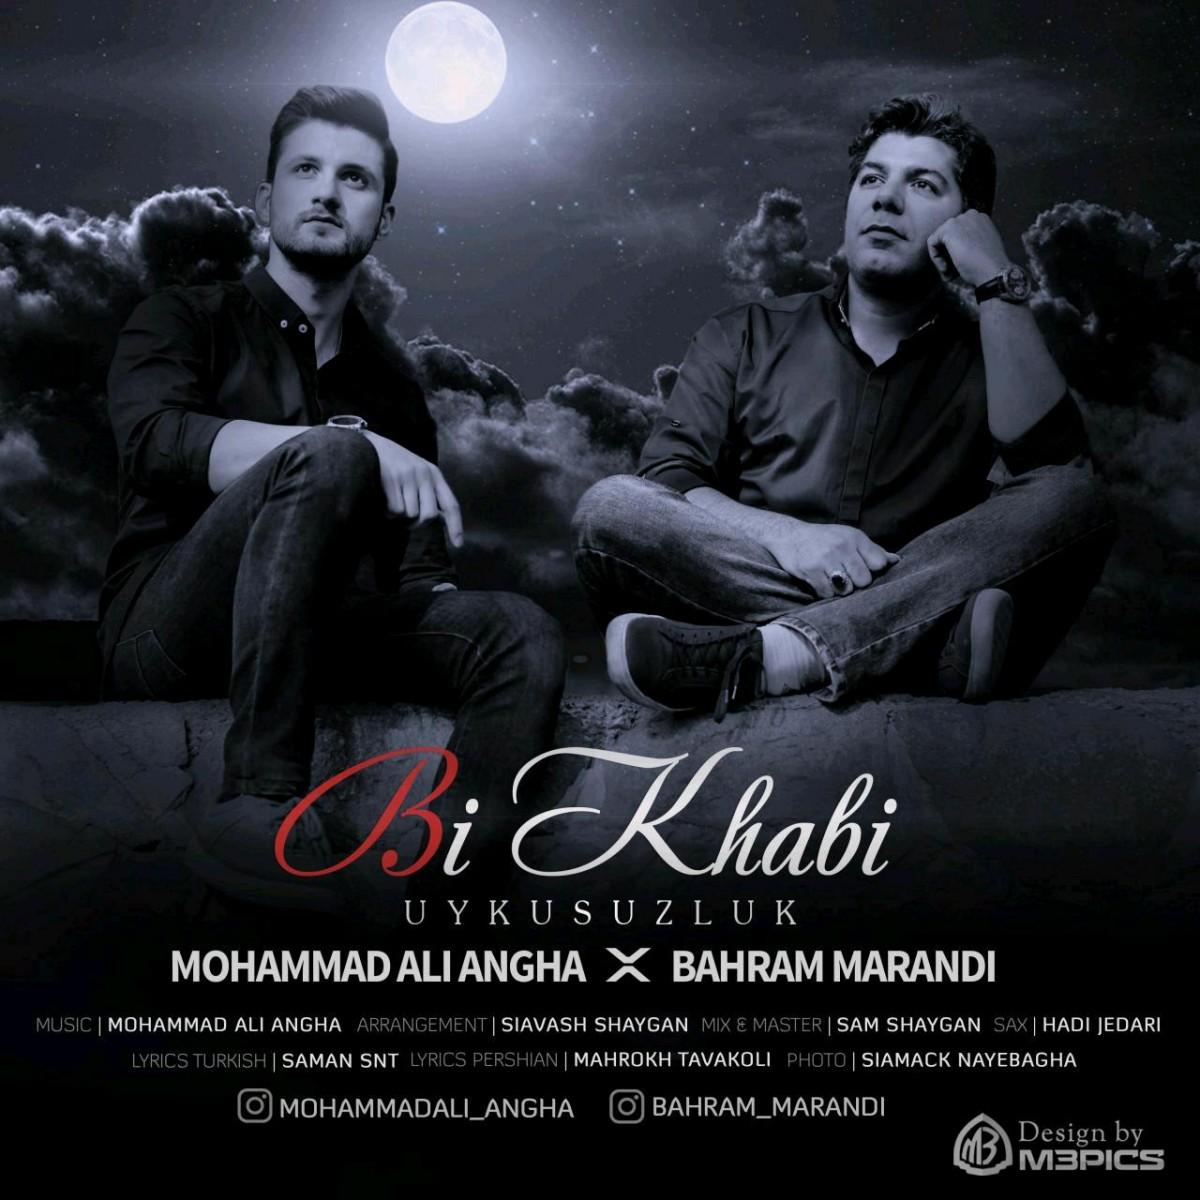 نامبر وان موزیک | دانلود آهنگ جدید Mohammad-Ali-Angha-Bi-Khabi-Ft-Bahram-Marandi